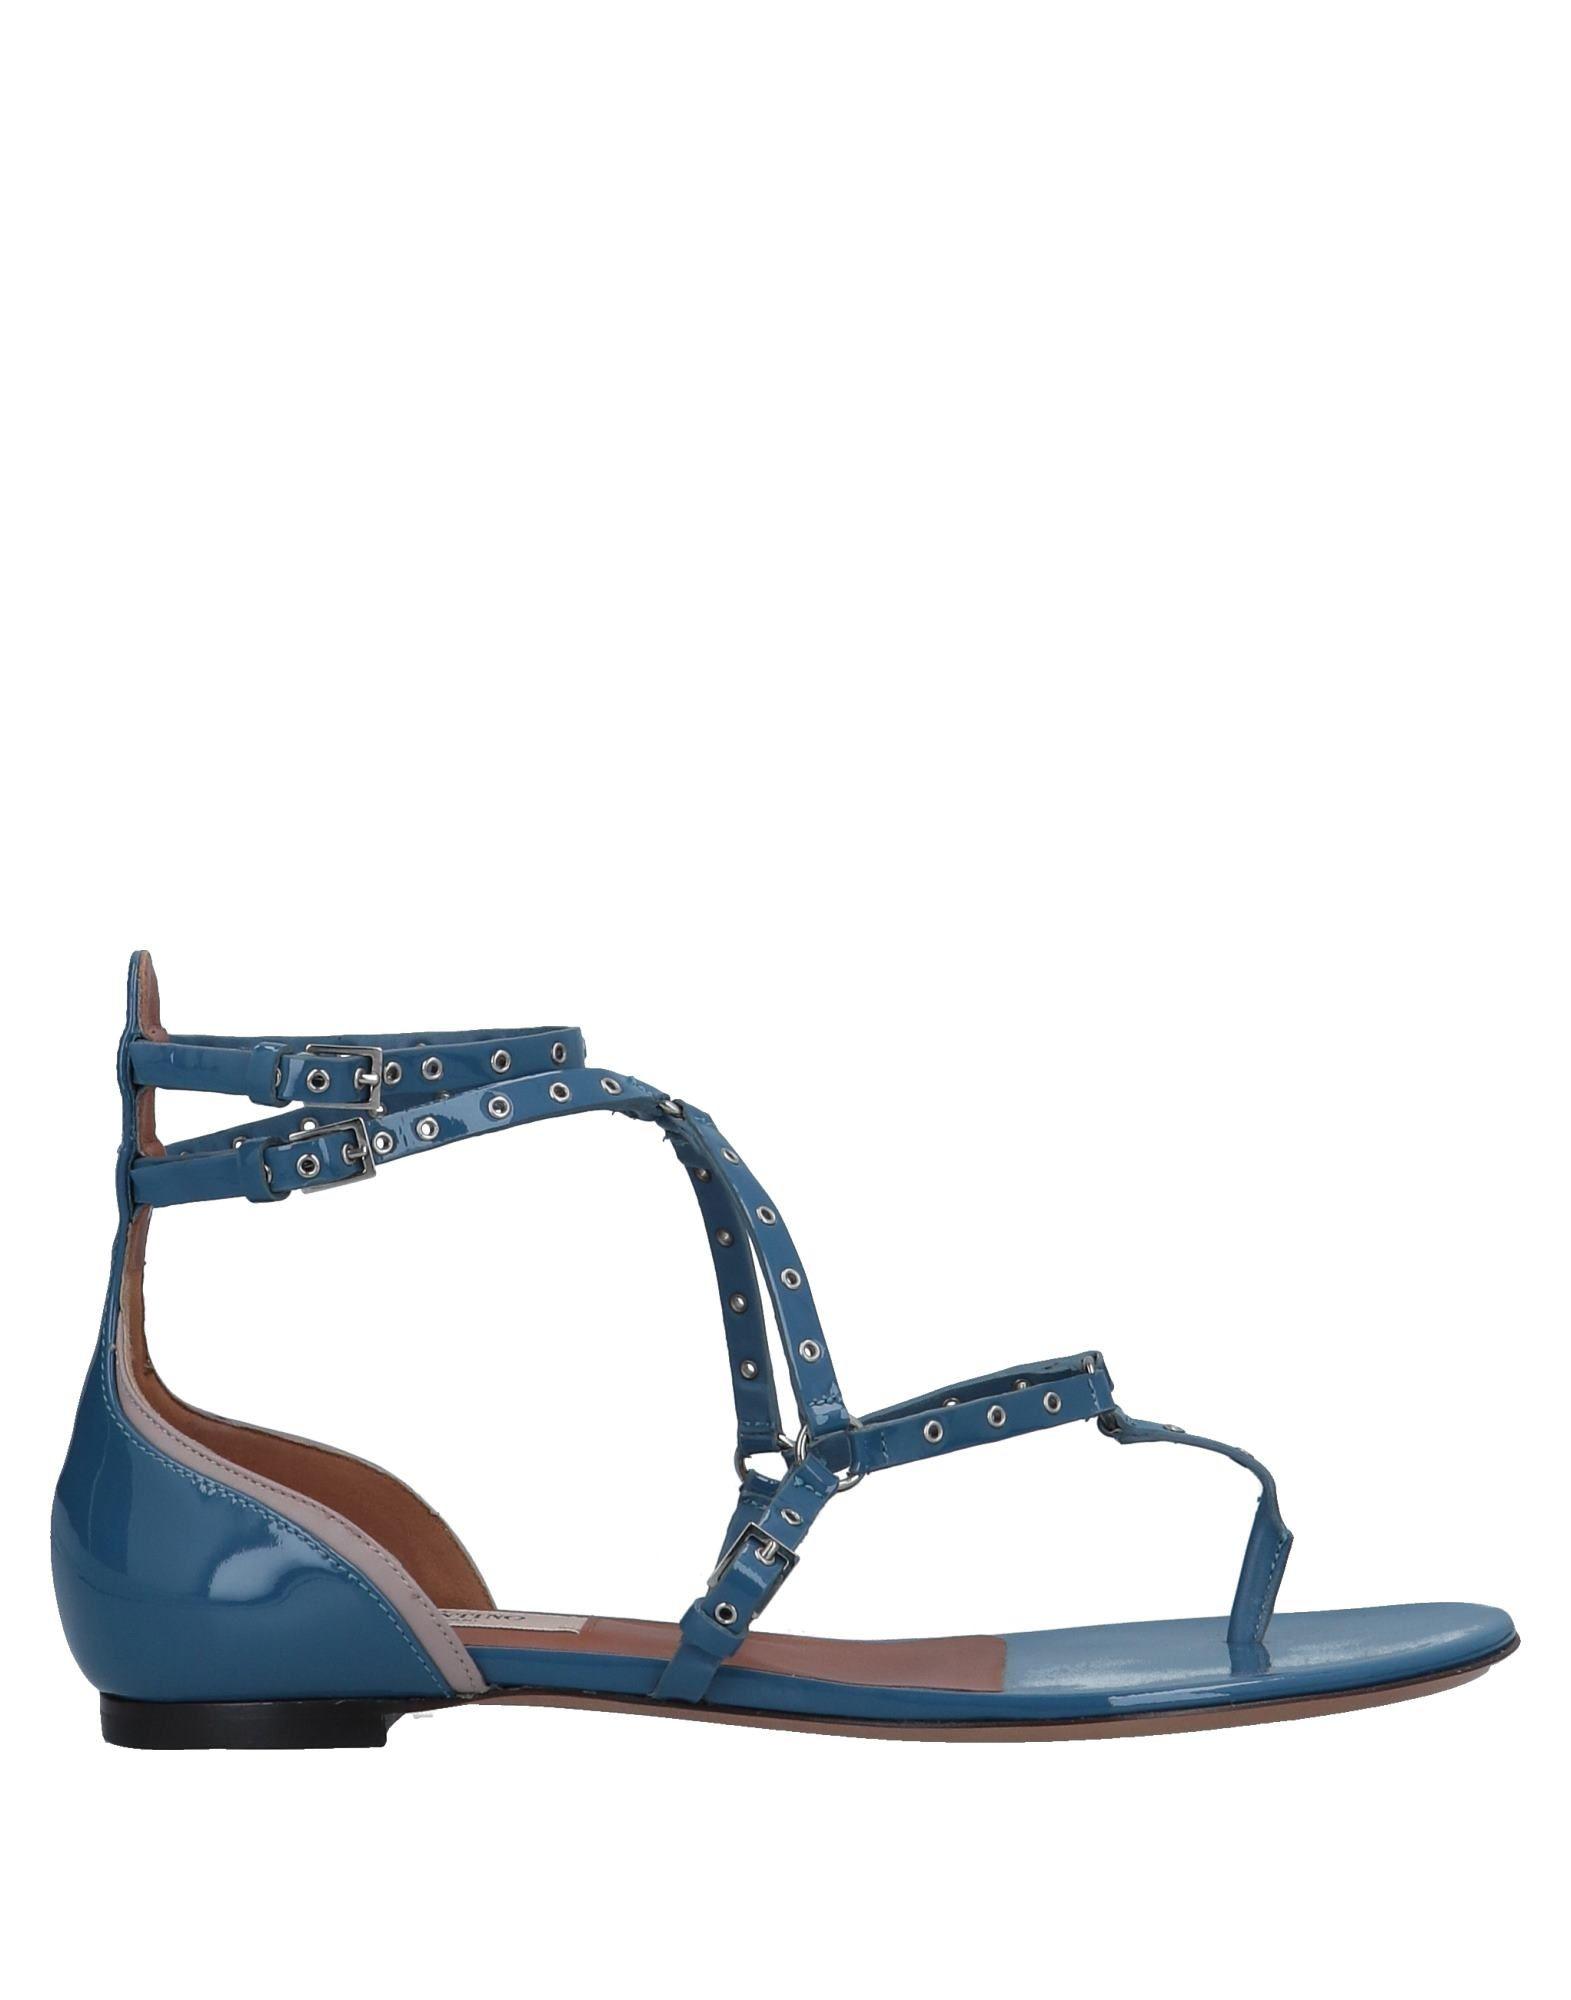 Valentino Garavani Flip Flops In Pastel Blue